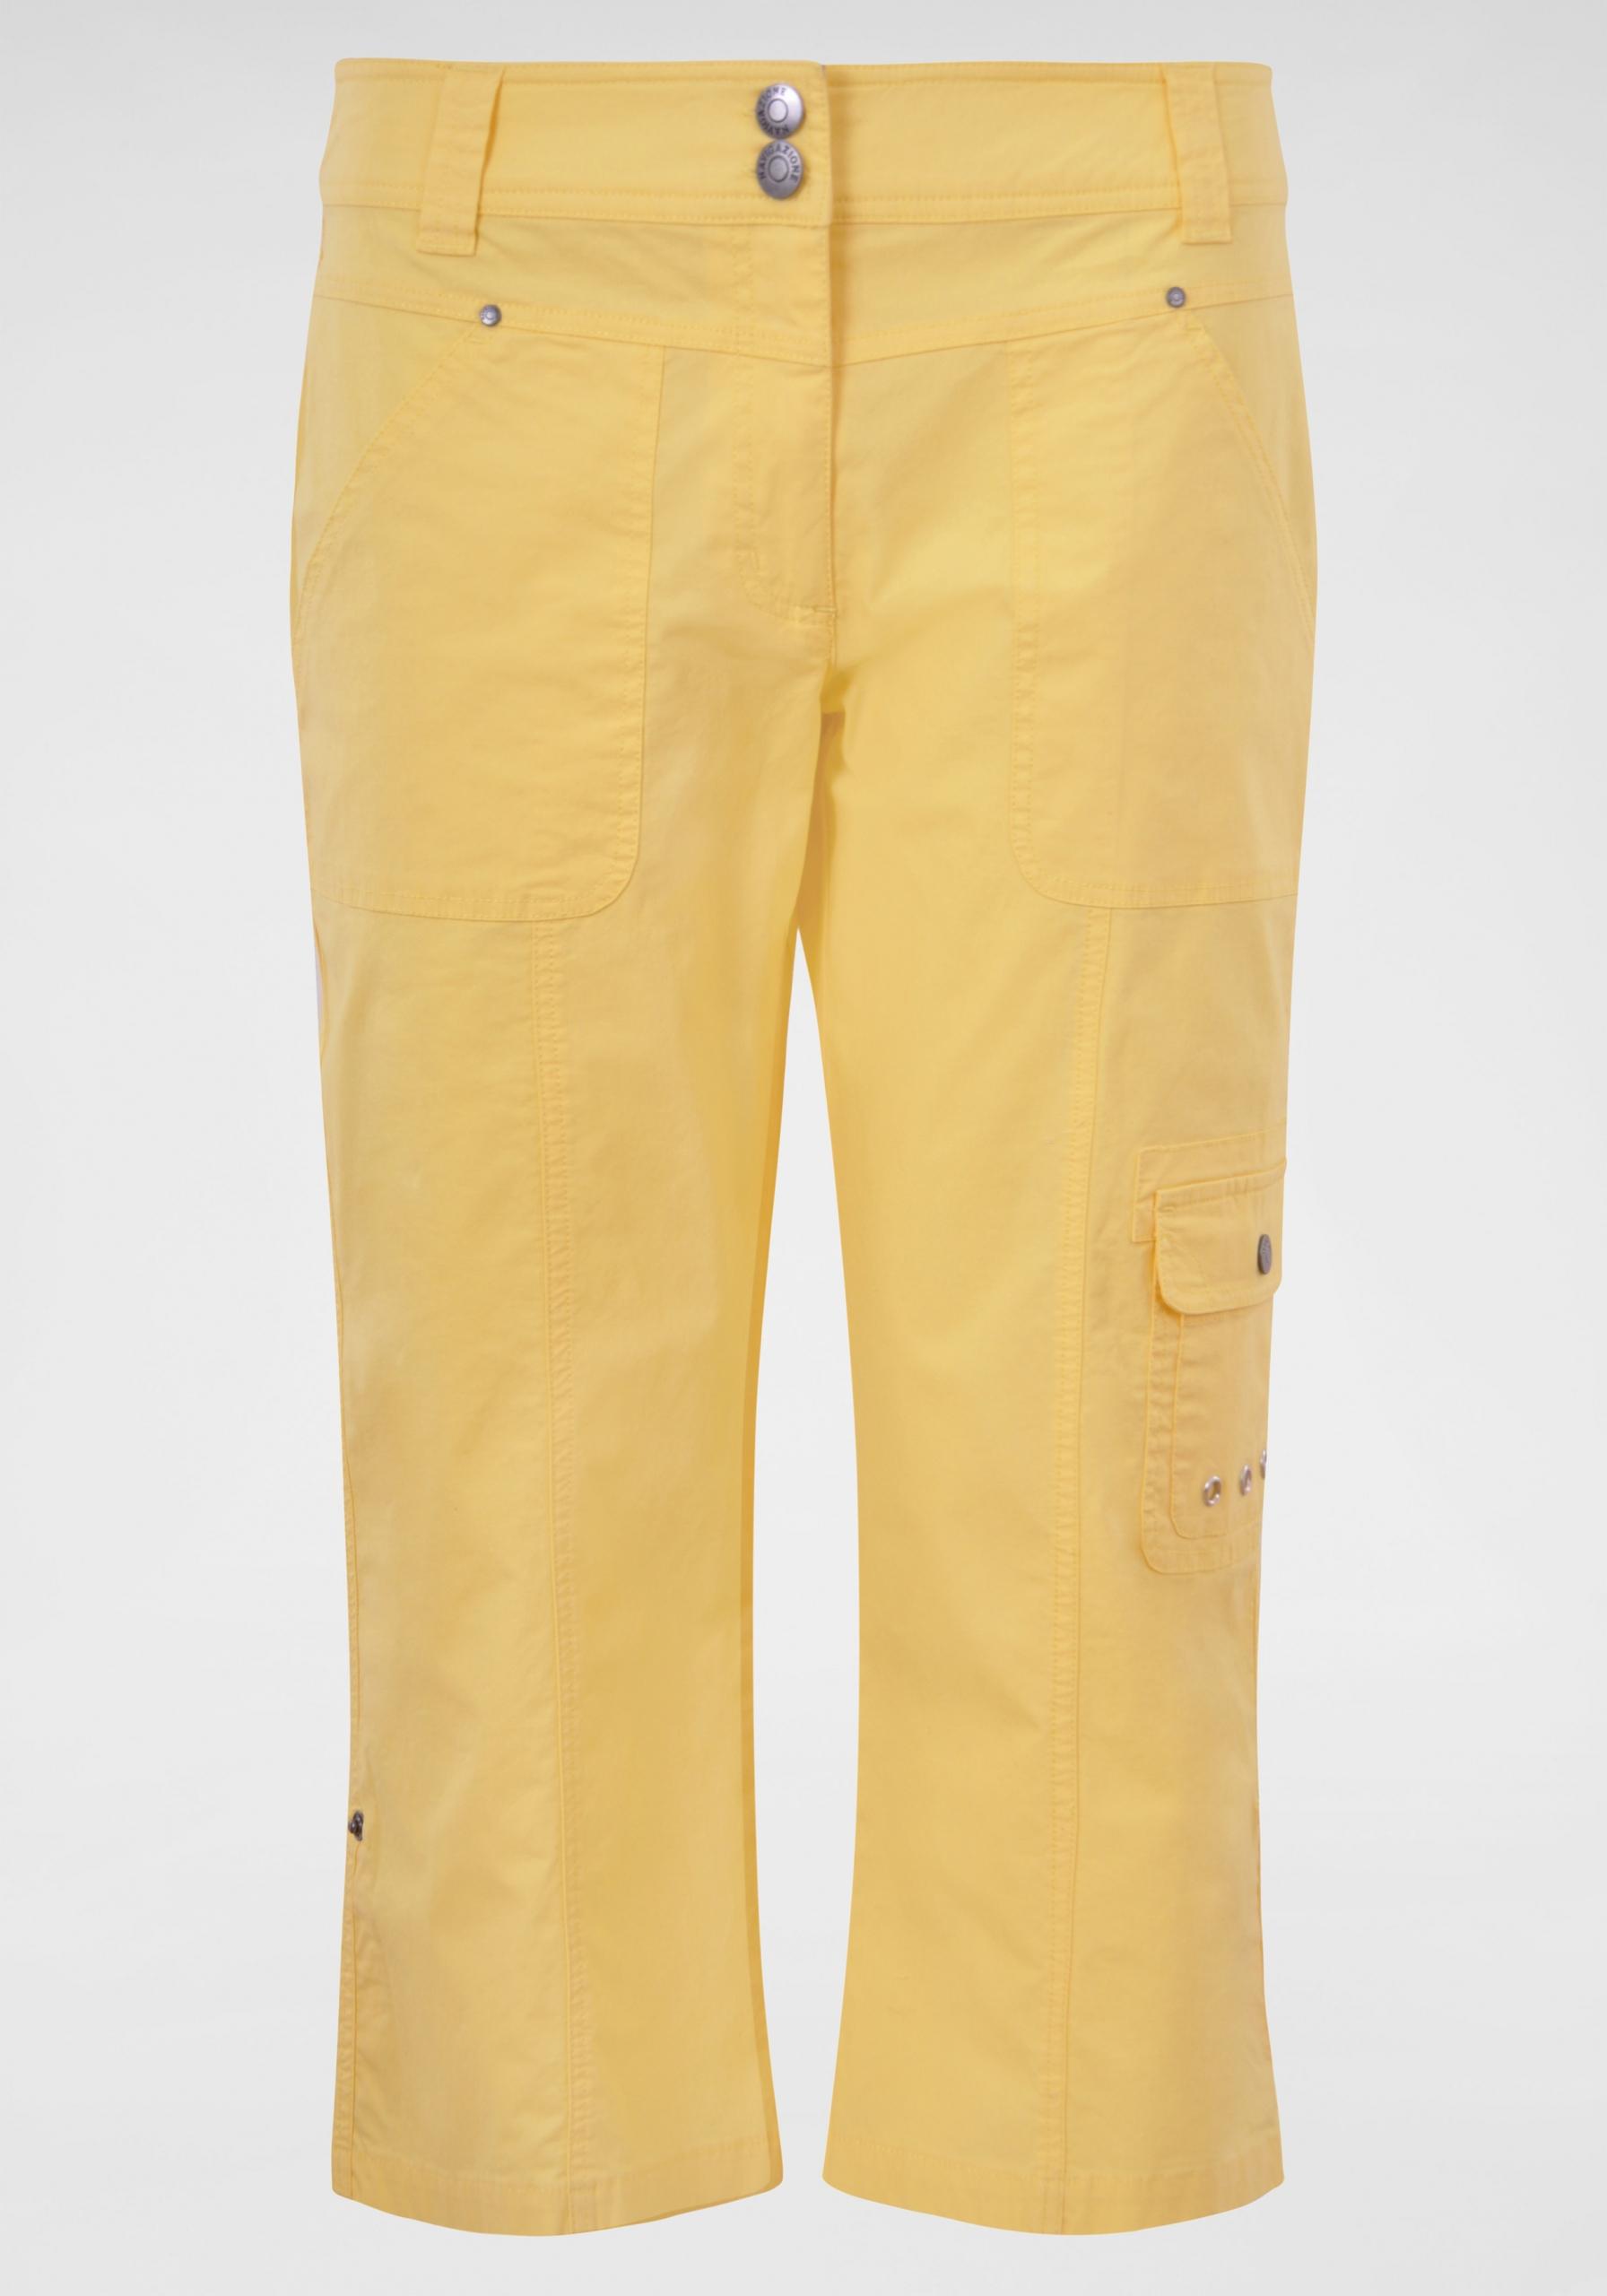 Damen Legere Caprihose gelb